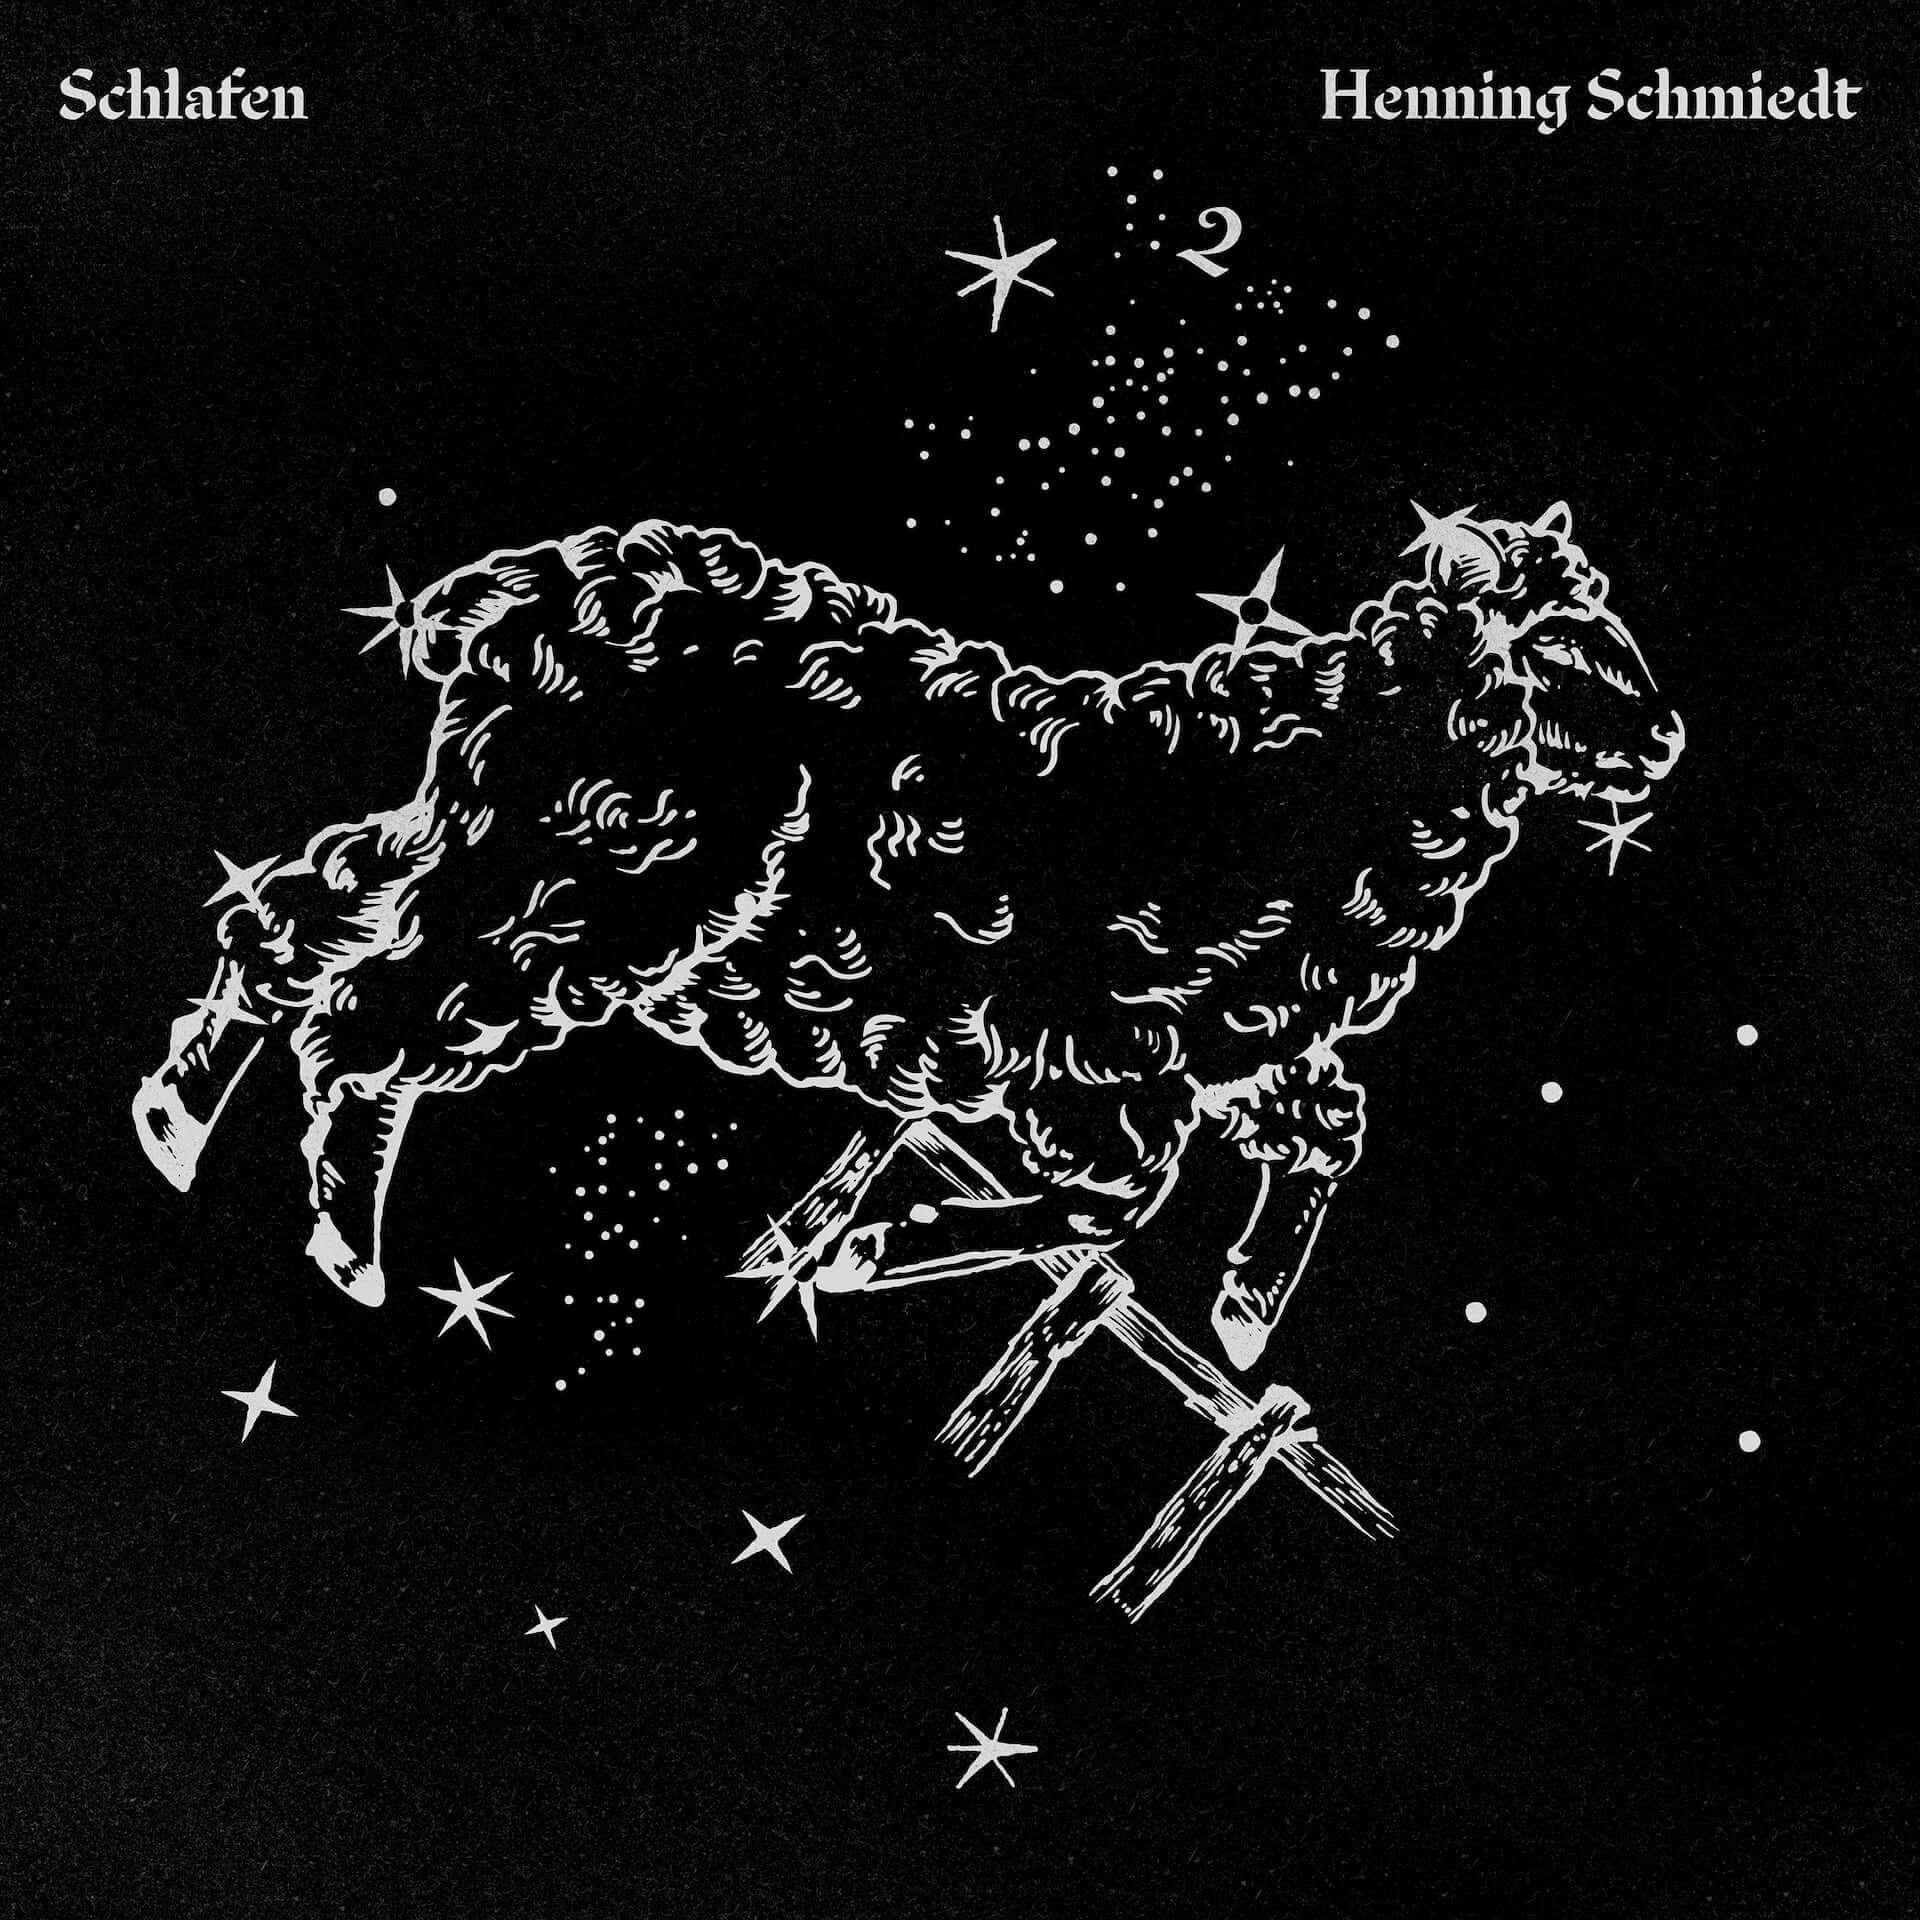 静謐な美しさを湛えた音楽が人々を魅了するベルリンのピアニスト、Henning Schmiedt緊急インタビュー interview_henning_schmiedt_02-1920x1920